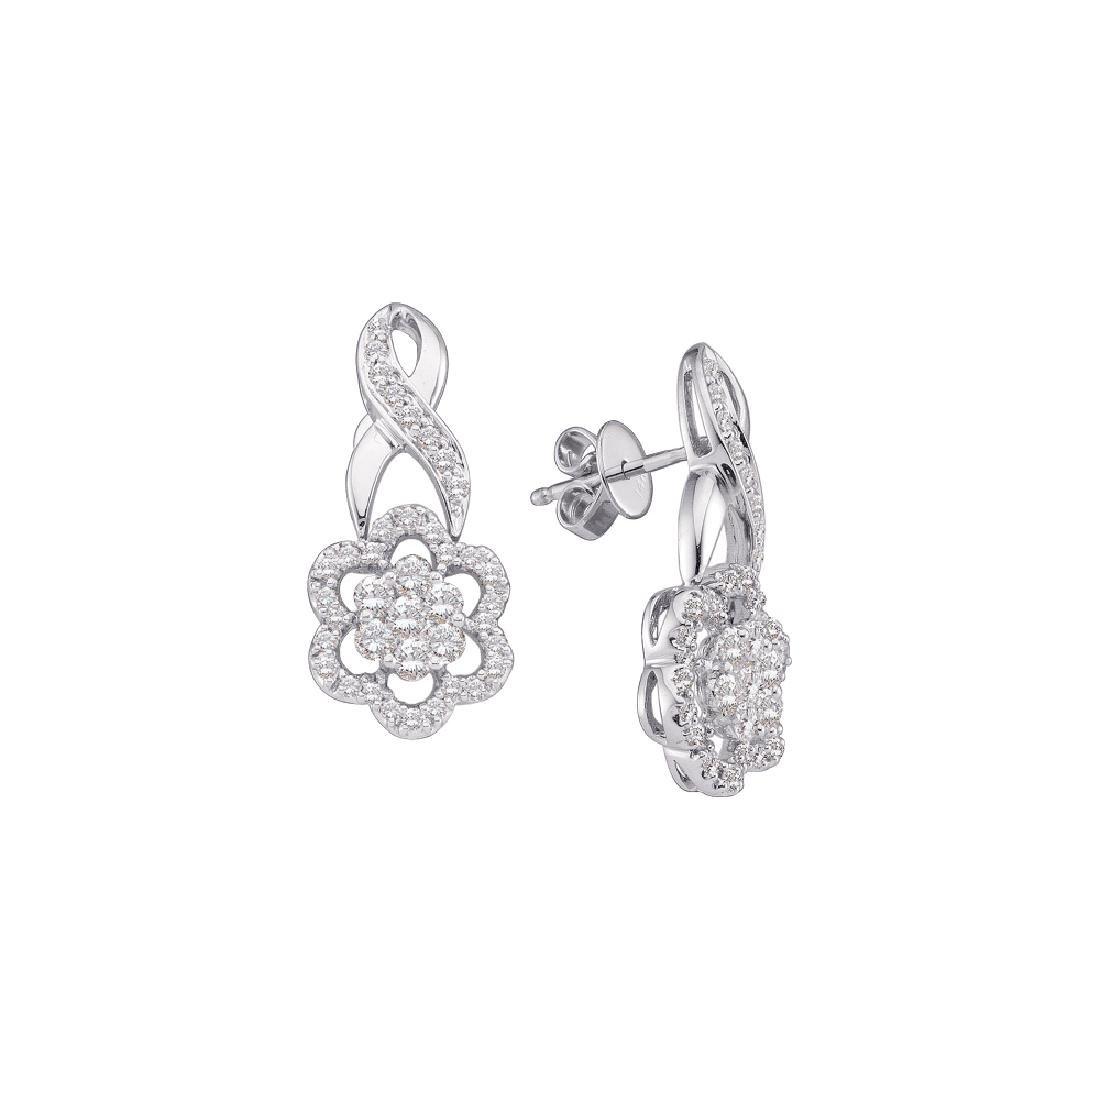 0.99 CTW Diamond Flower Screwback Earrings 14KT White